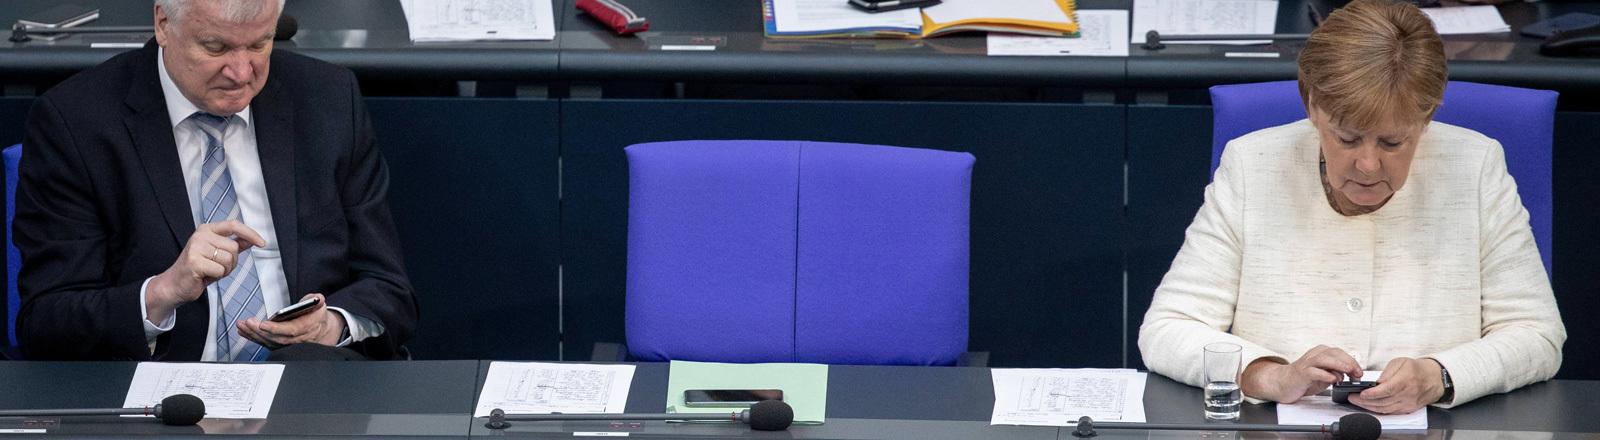 Am 03.07.2018 nehmen Kanzlerin Merkel und Innenminister Seehofer an der Plenarsitzung im Bundestag teil. Sie sitzen nebeneinander, zwischen ihnen bleibt zunächst ein Stuhl leer.